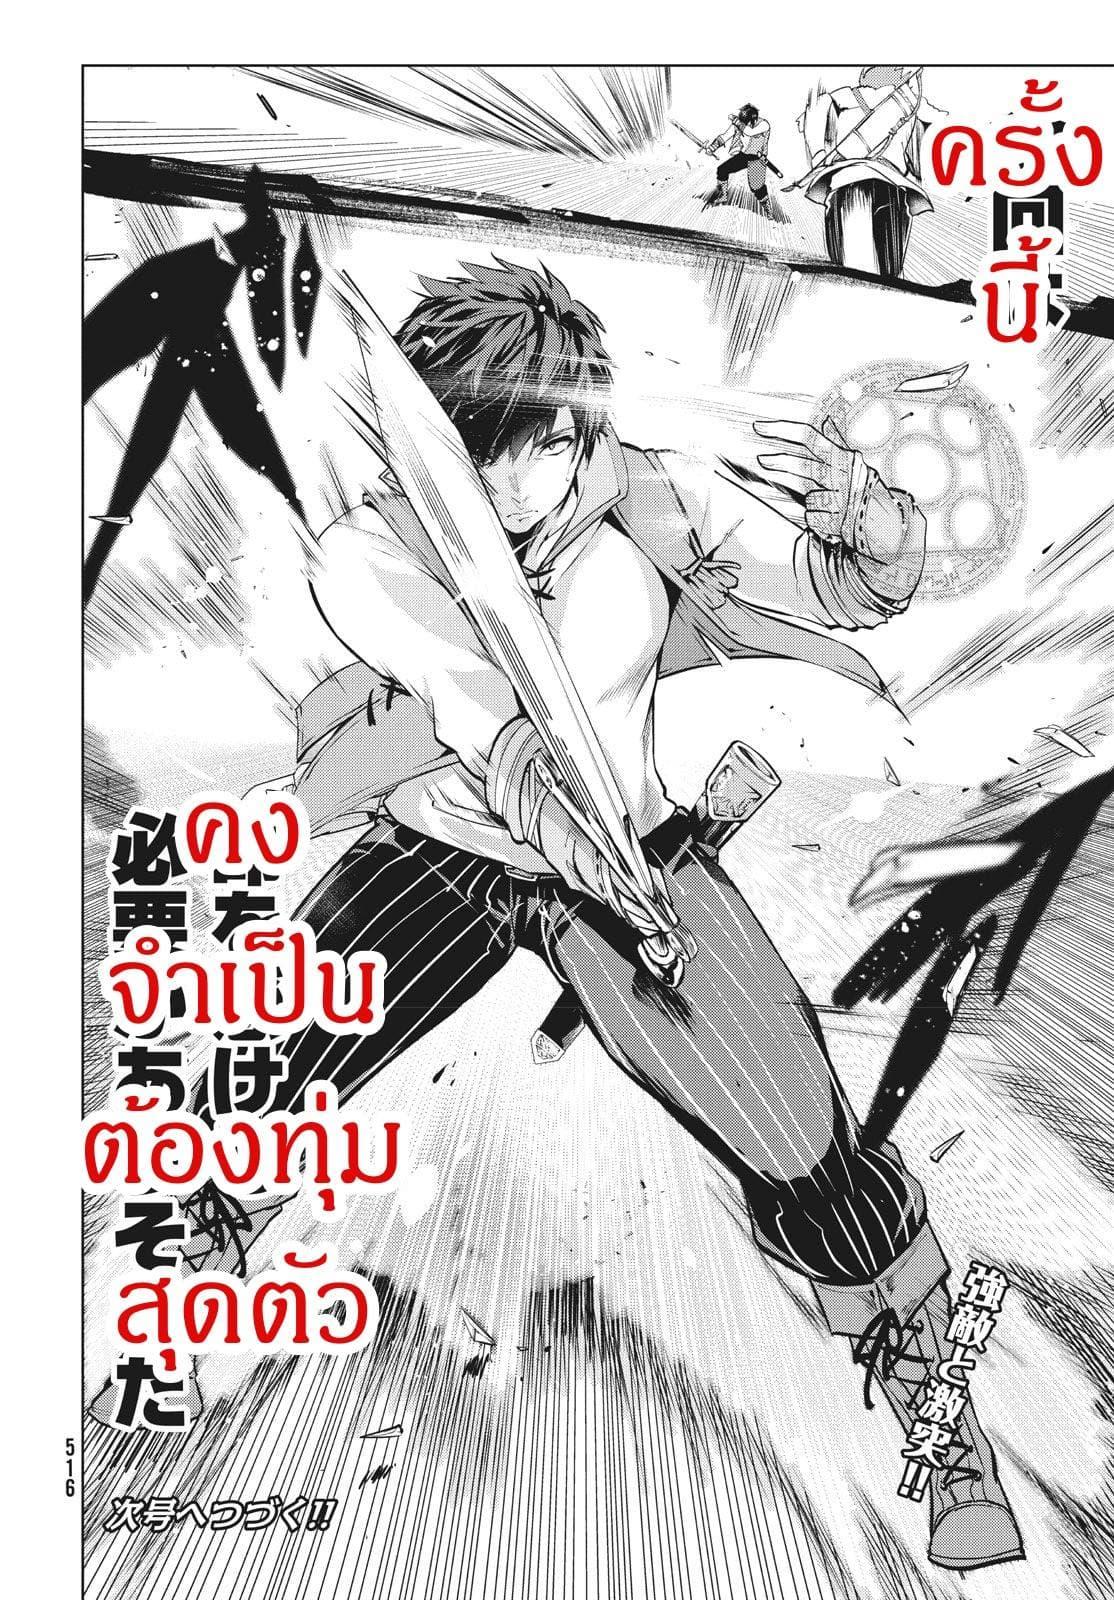 อ่านการ์ตูน Kaiko sareta Ankoku Heishi (30-dai) no Slow na Second ตอนที่ 3.4 หน้าที่ 15